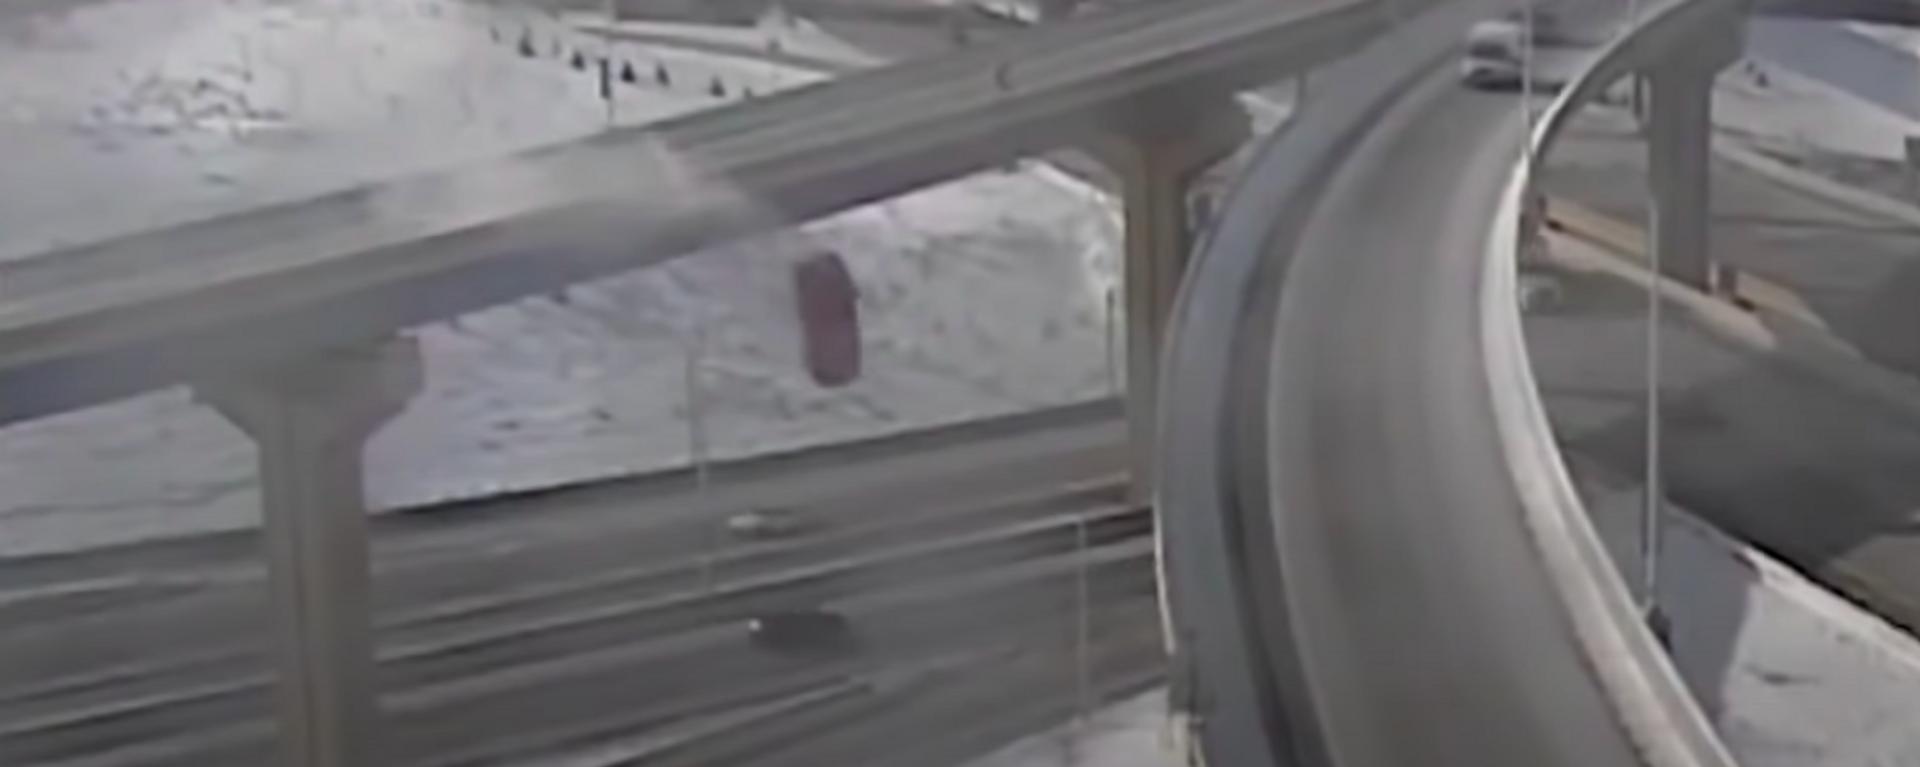 Una camioneta cae desde una altura de 20 metros a una carretera - Sputnik Mundo, 1920, 11.02.2021